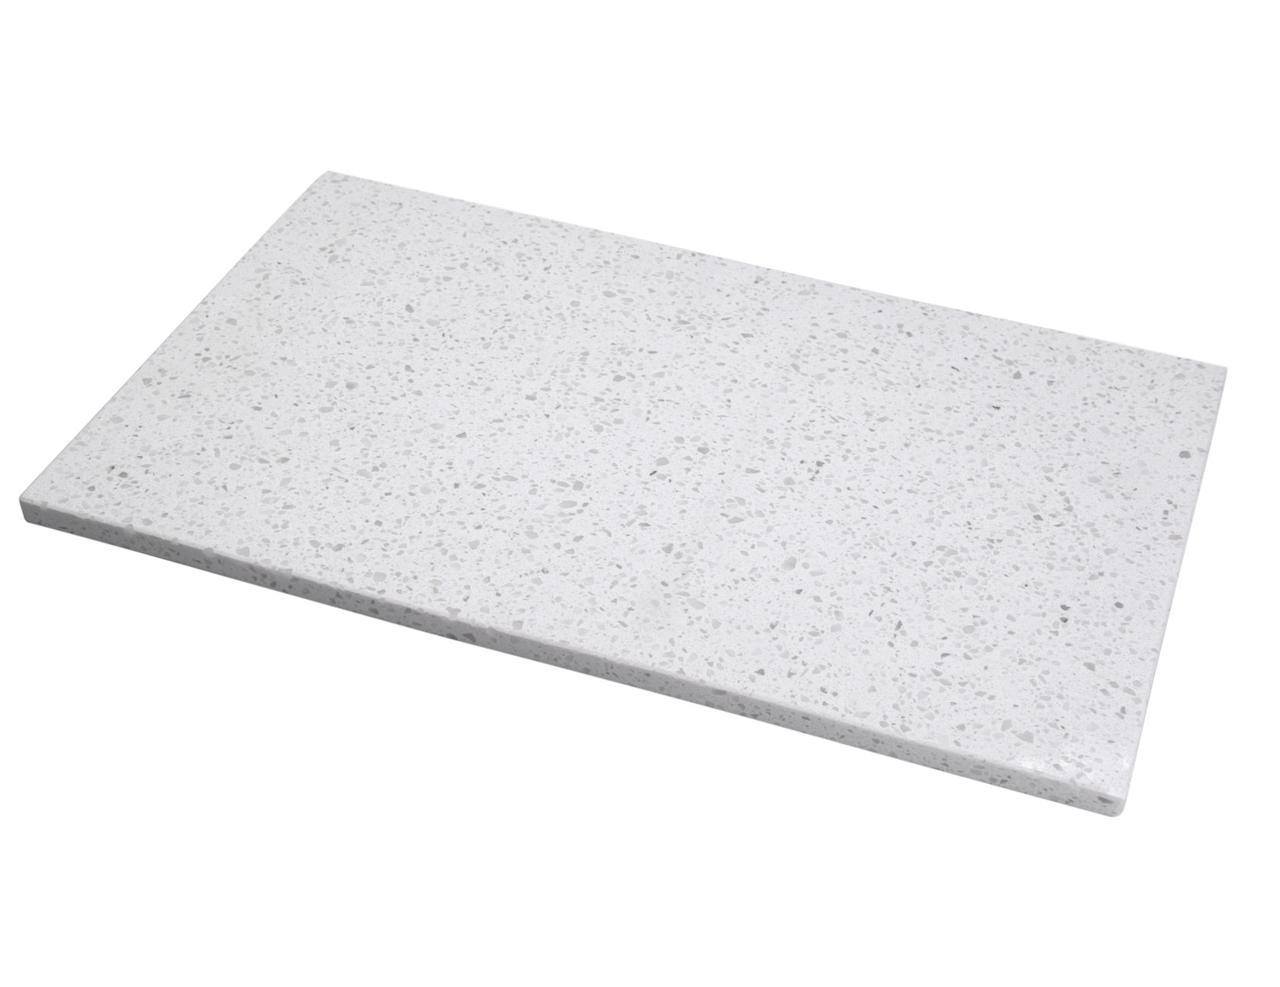 Доска для работы с шоколадом из кварцевого камня 50*70см Галетте -06738